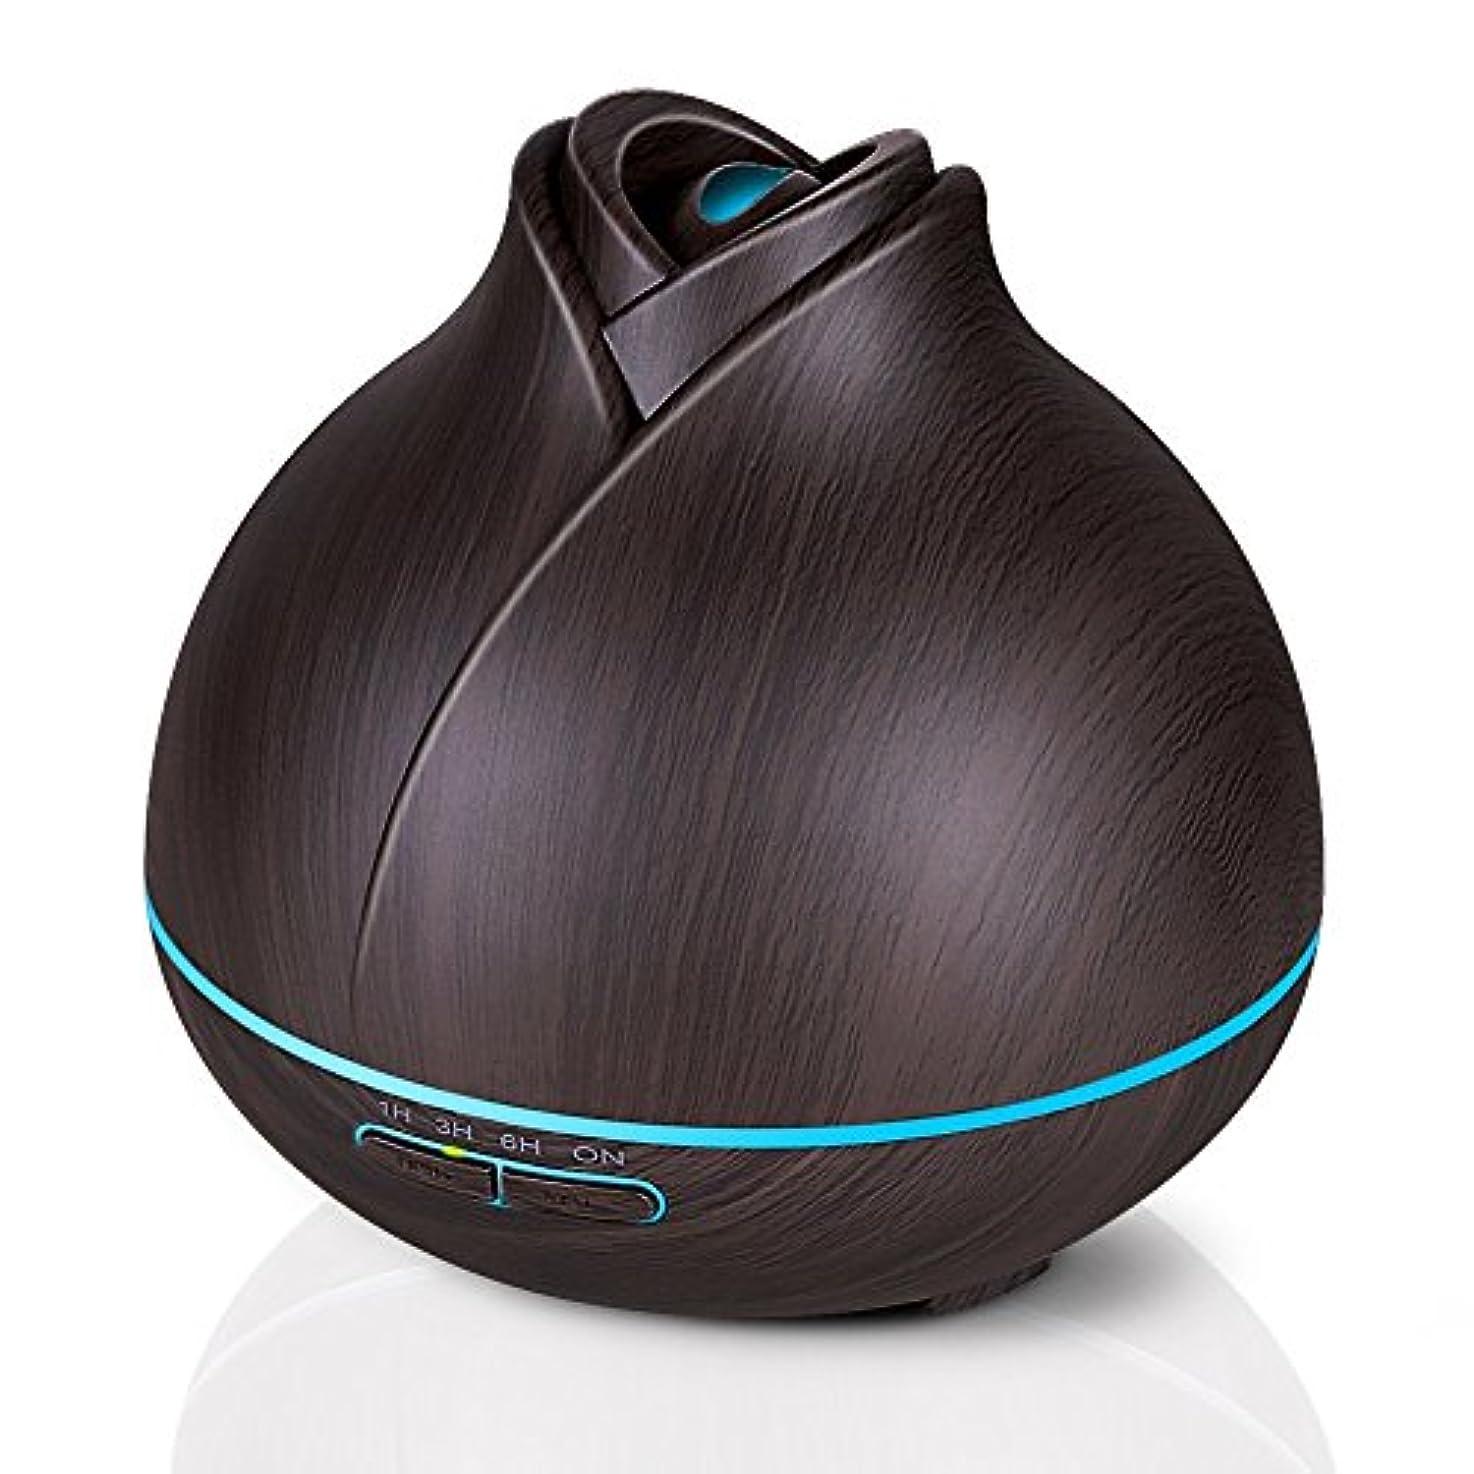 受益者銀行禁じる400ミリリットル木目調アロマセラピーディフューザーエッセンシャルオイル用2ミストモード4タイマー設定、静かな加湿器用寝室、ホーム、オフィス,deepgrain